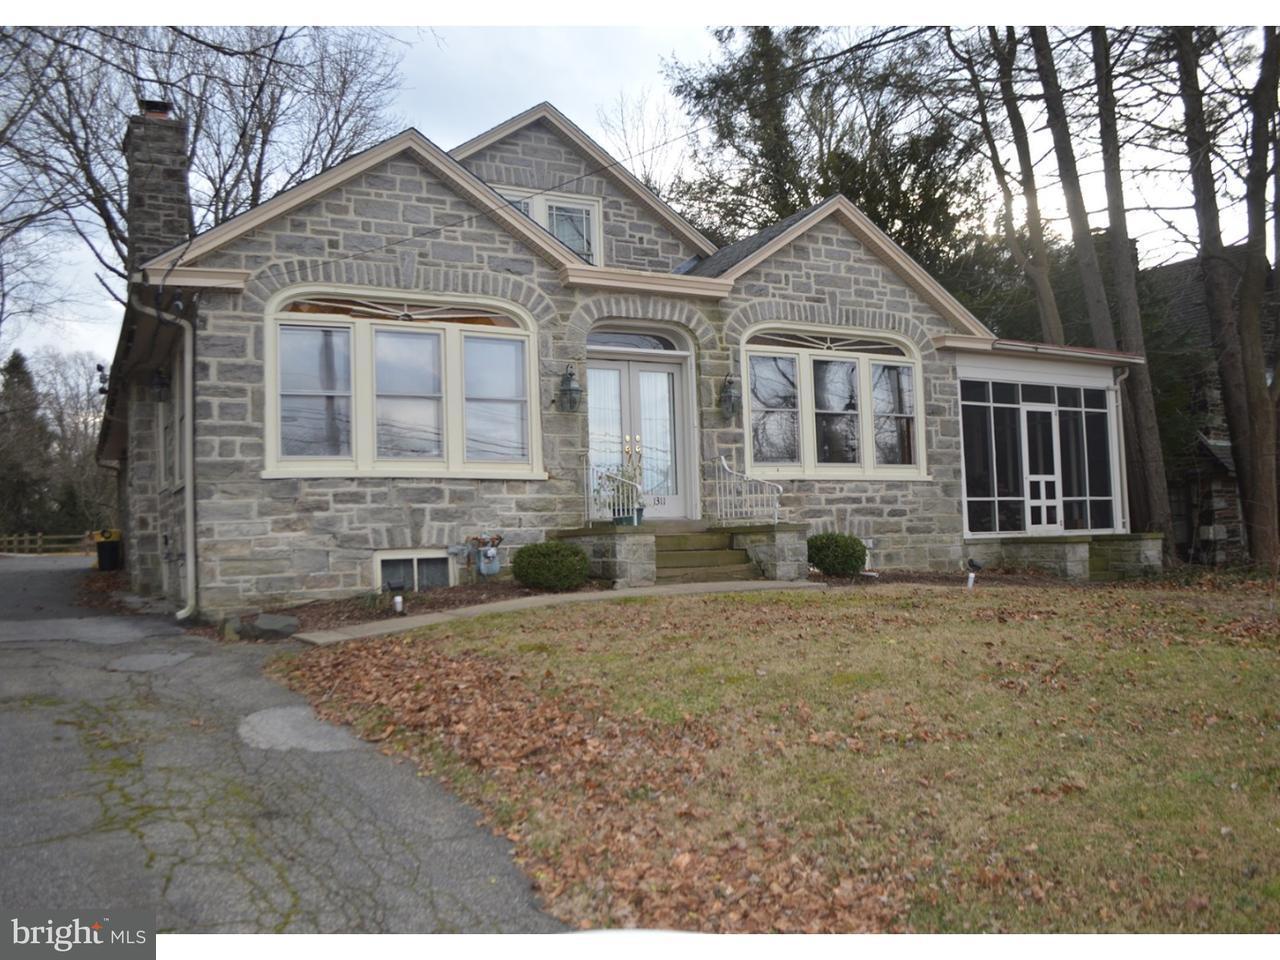 Частный односемейный дом для того Аренда на 1311 BALTIMORE PIKE Springfield, Пенсильвания 19064 Соединенные Штаты